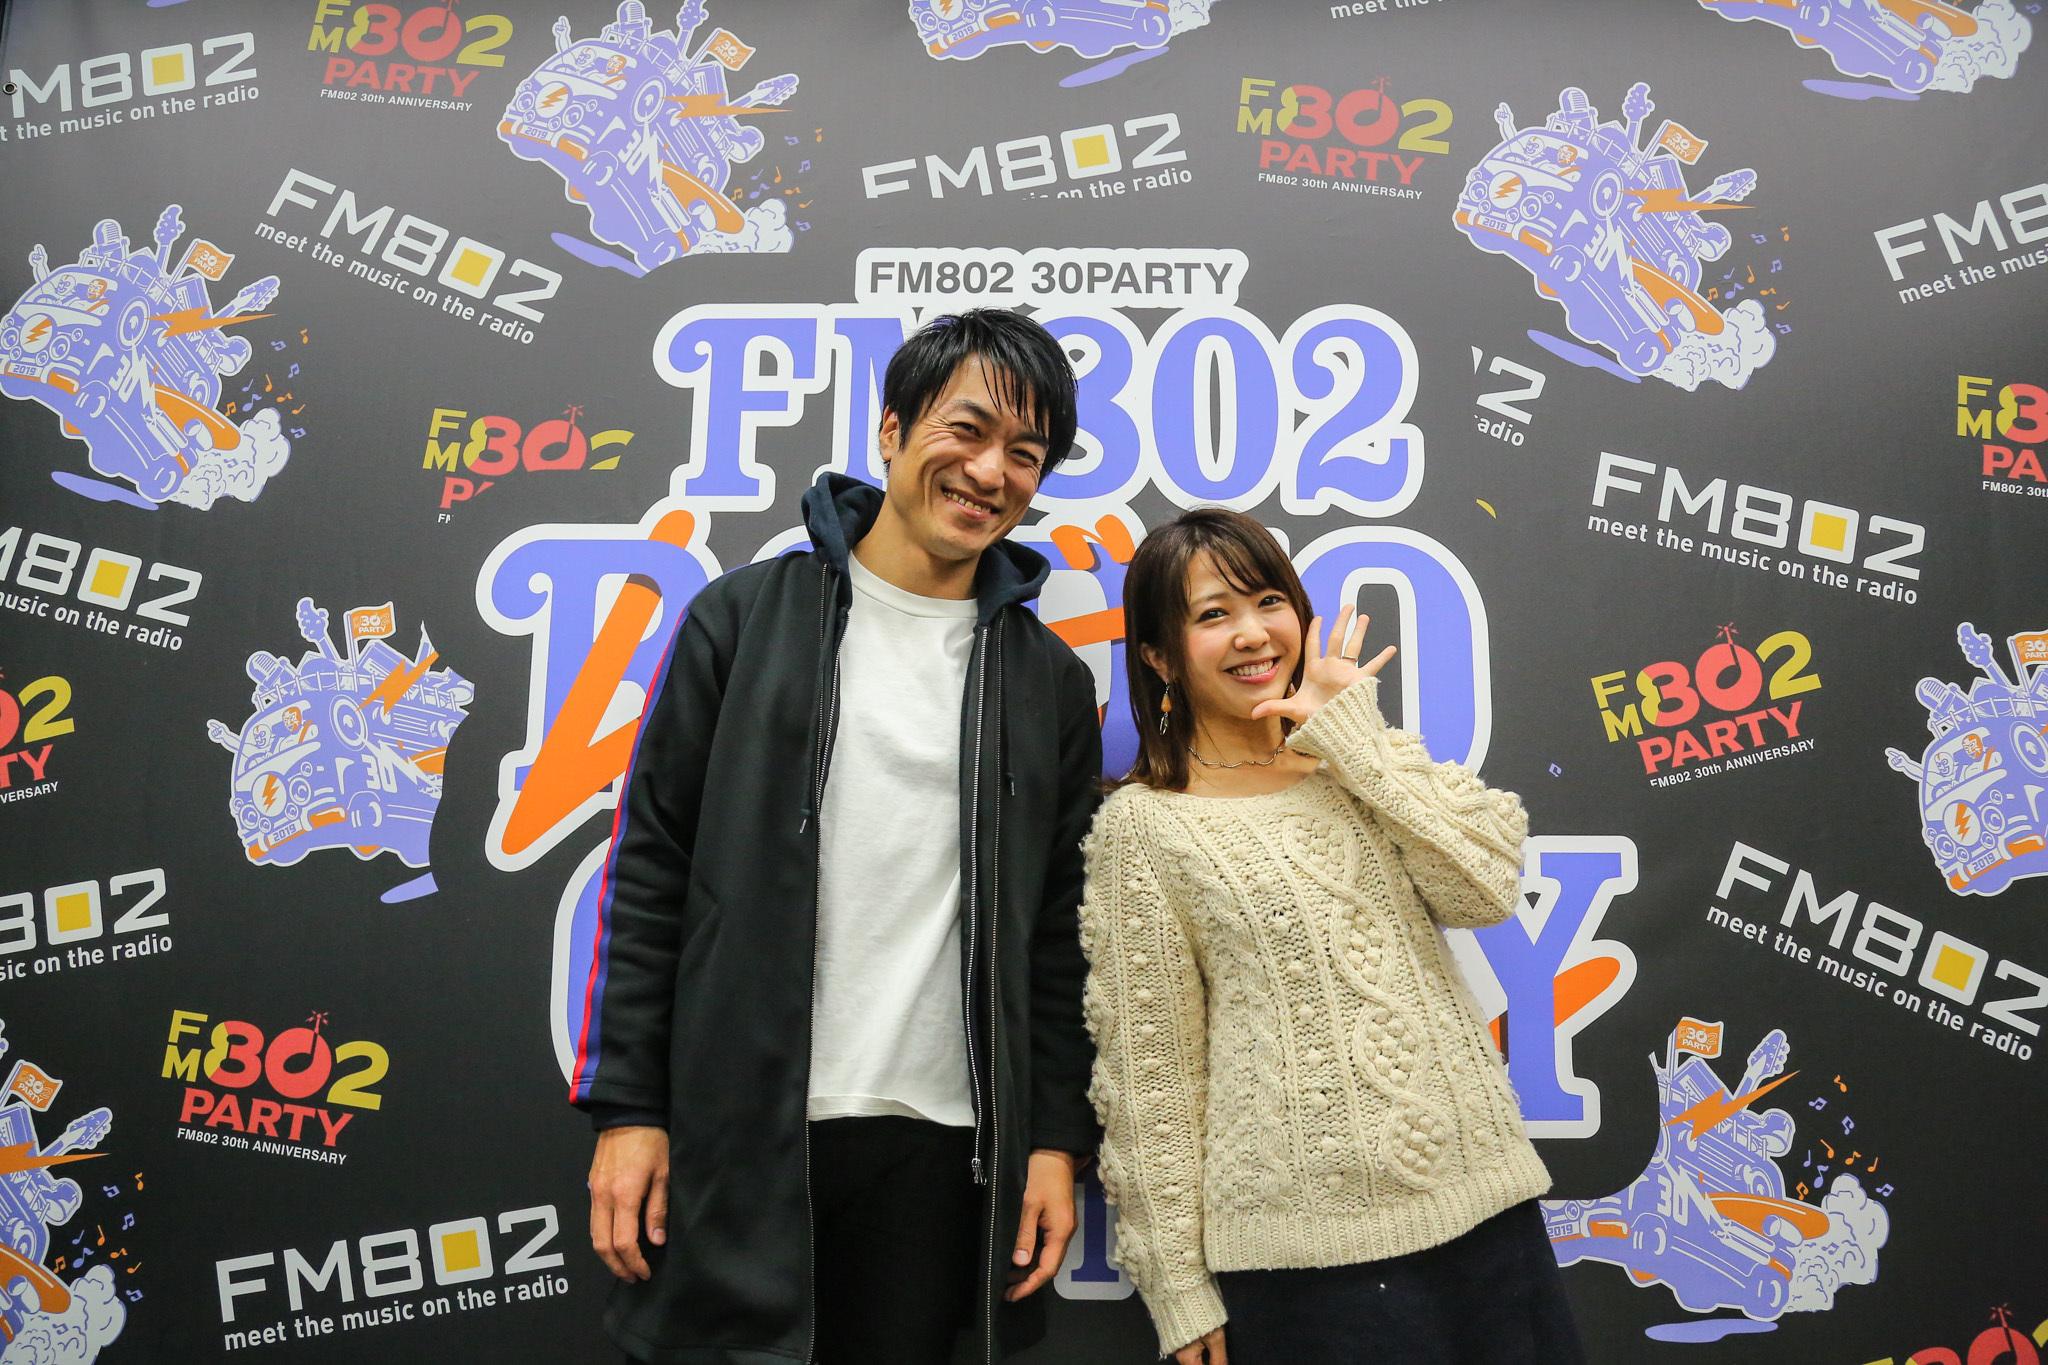 飯室大吾&鬼頭由芽(FM802)